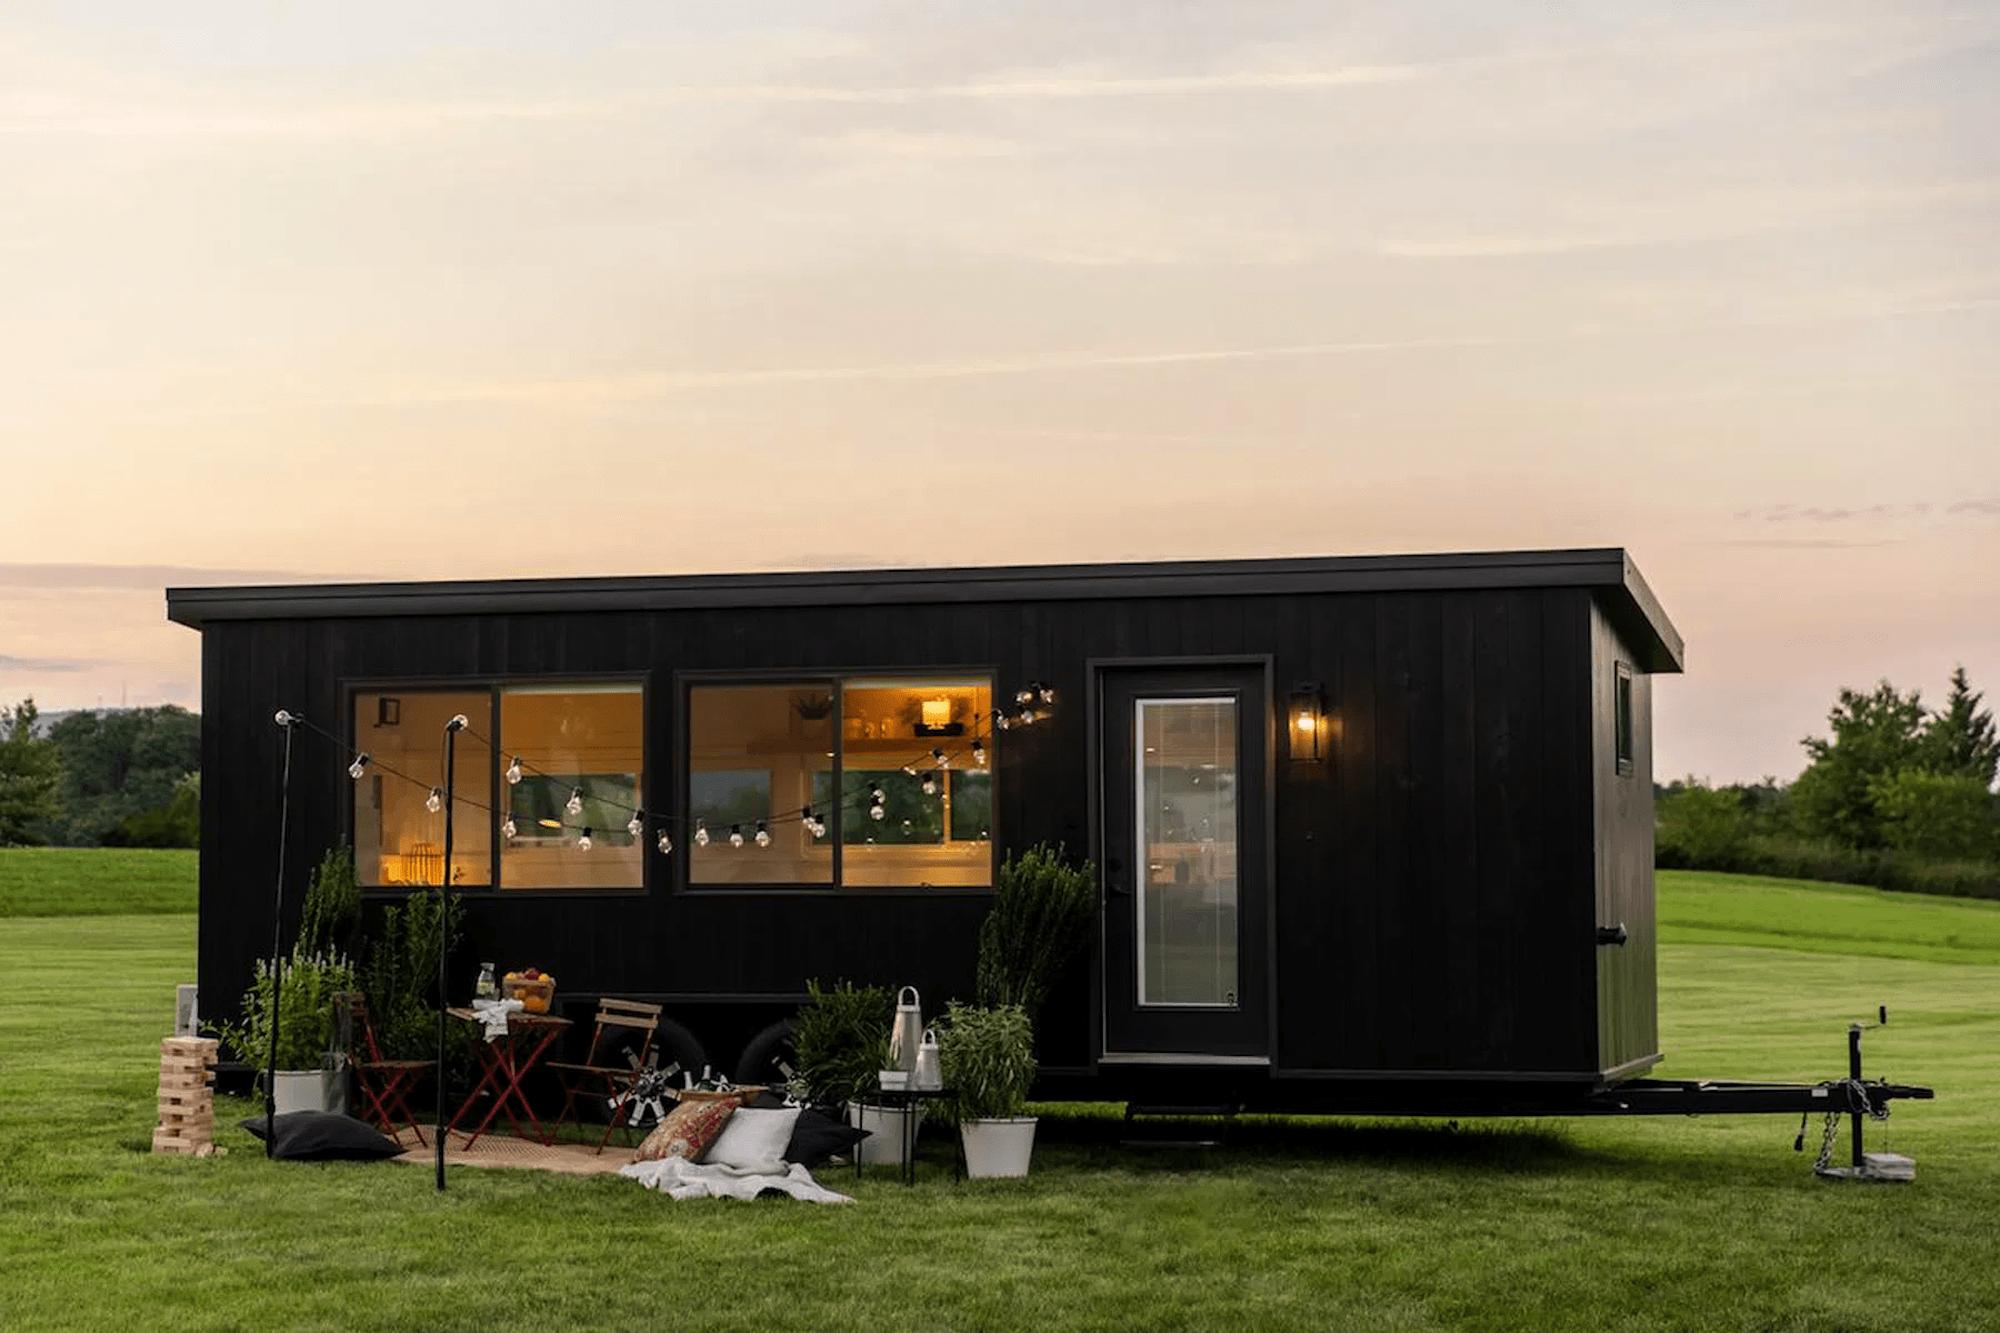 IKEA dévoile une tiny house éco-reponsable et minimaliste de 17m²